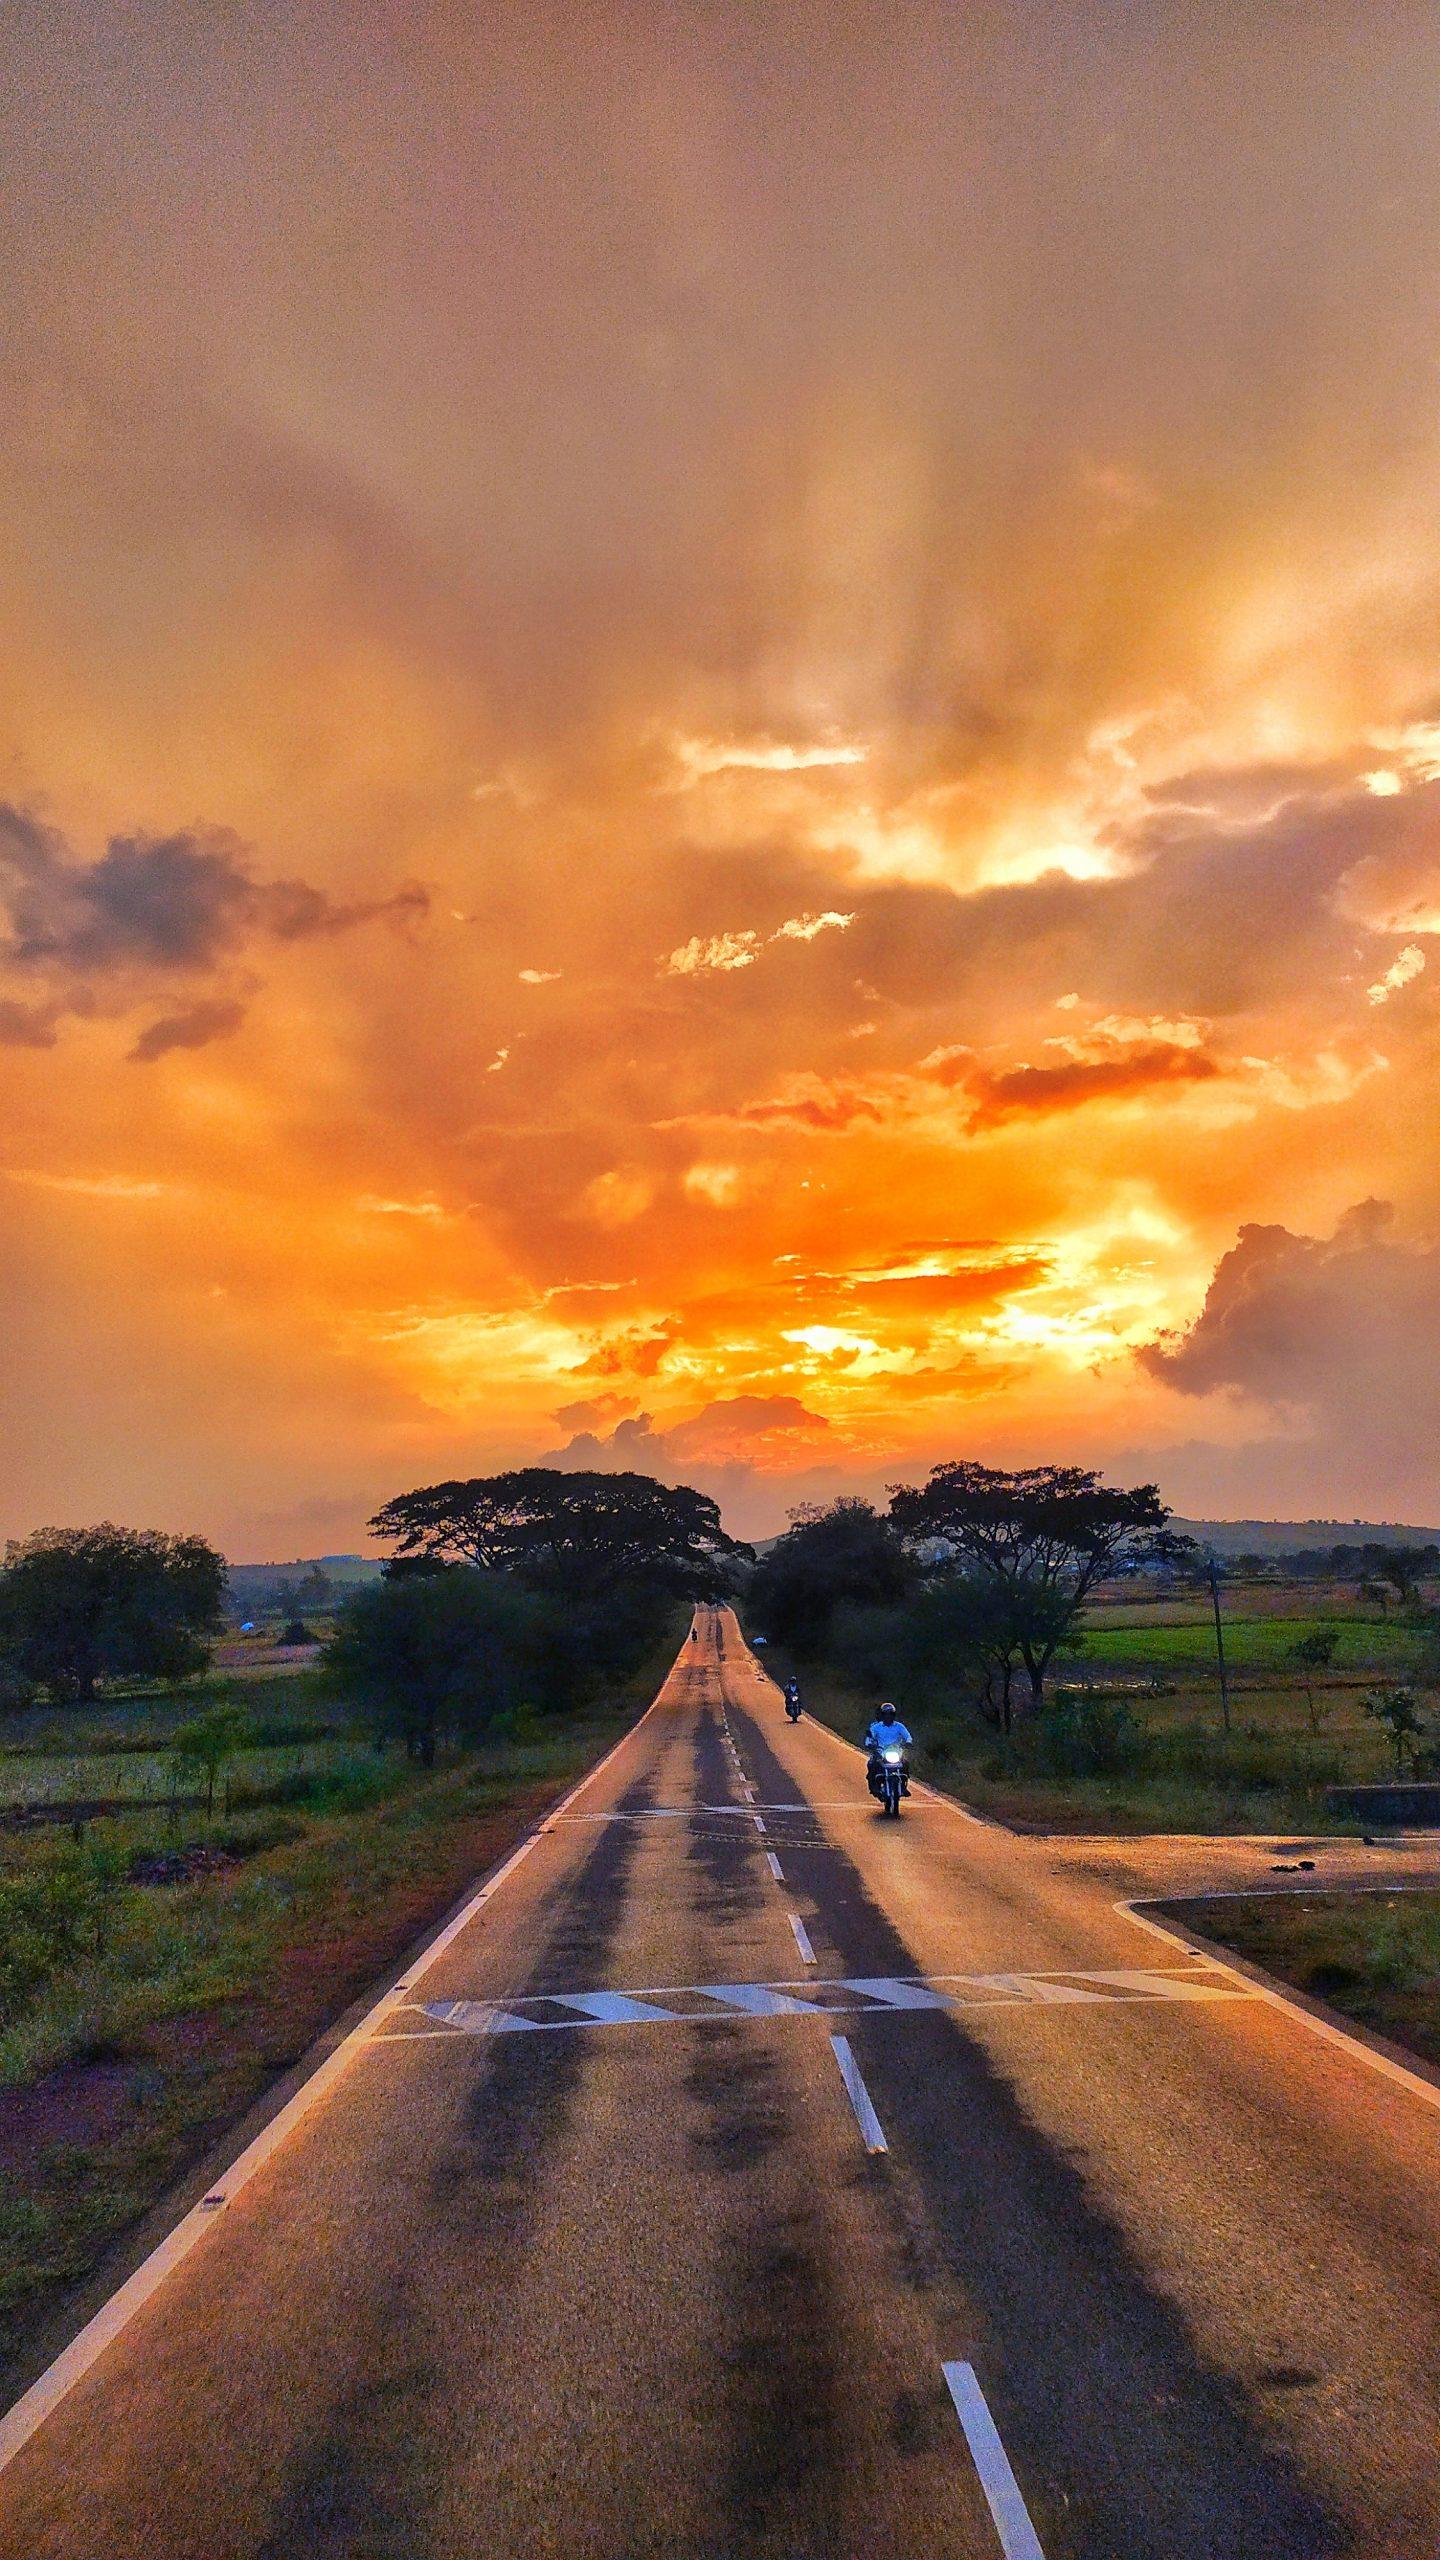 Sunset in rainy season